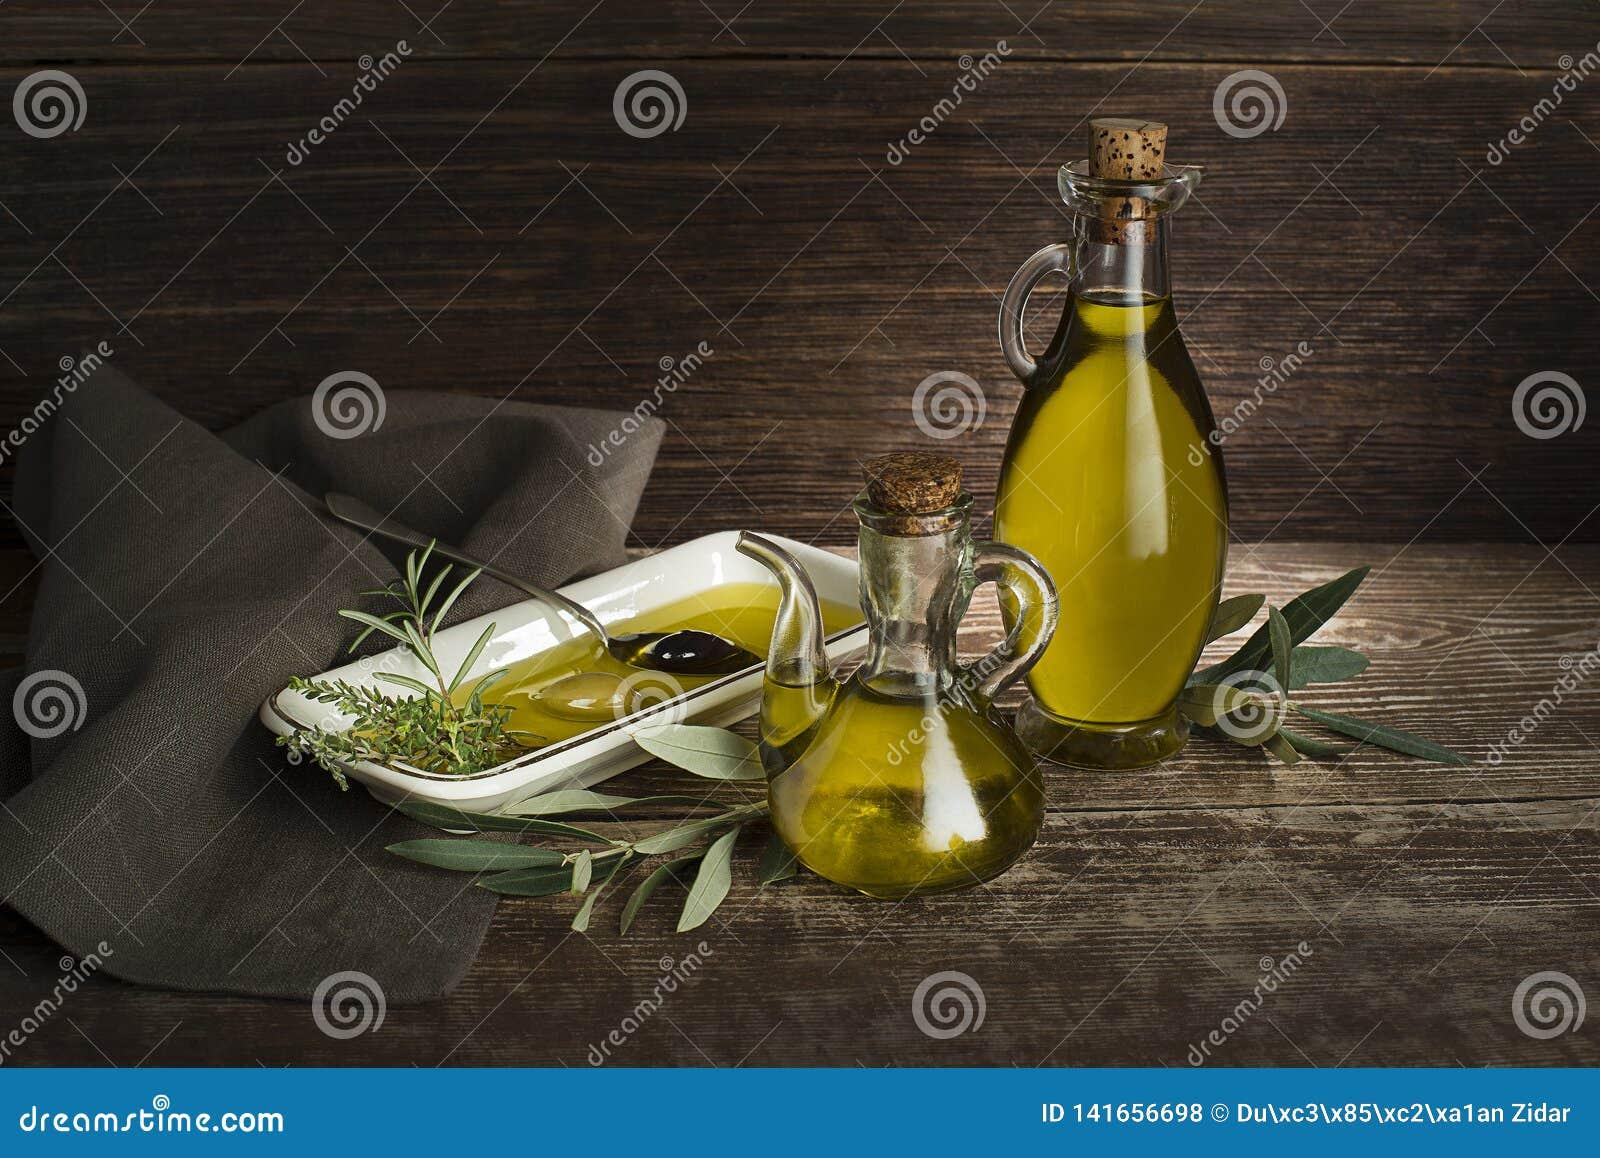 Μπουκάλι ελαιολάδου με τα χορτάρια